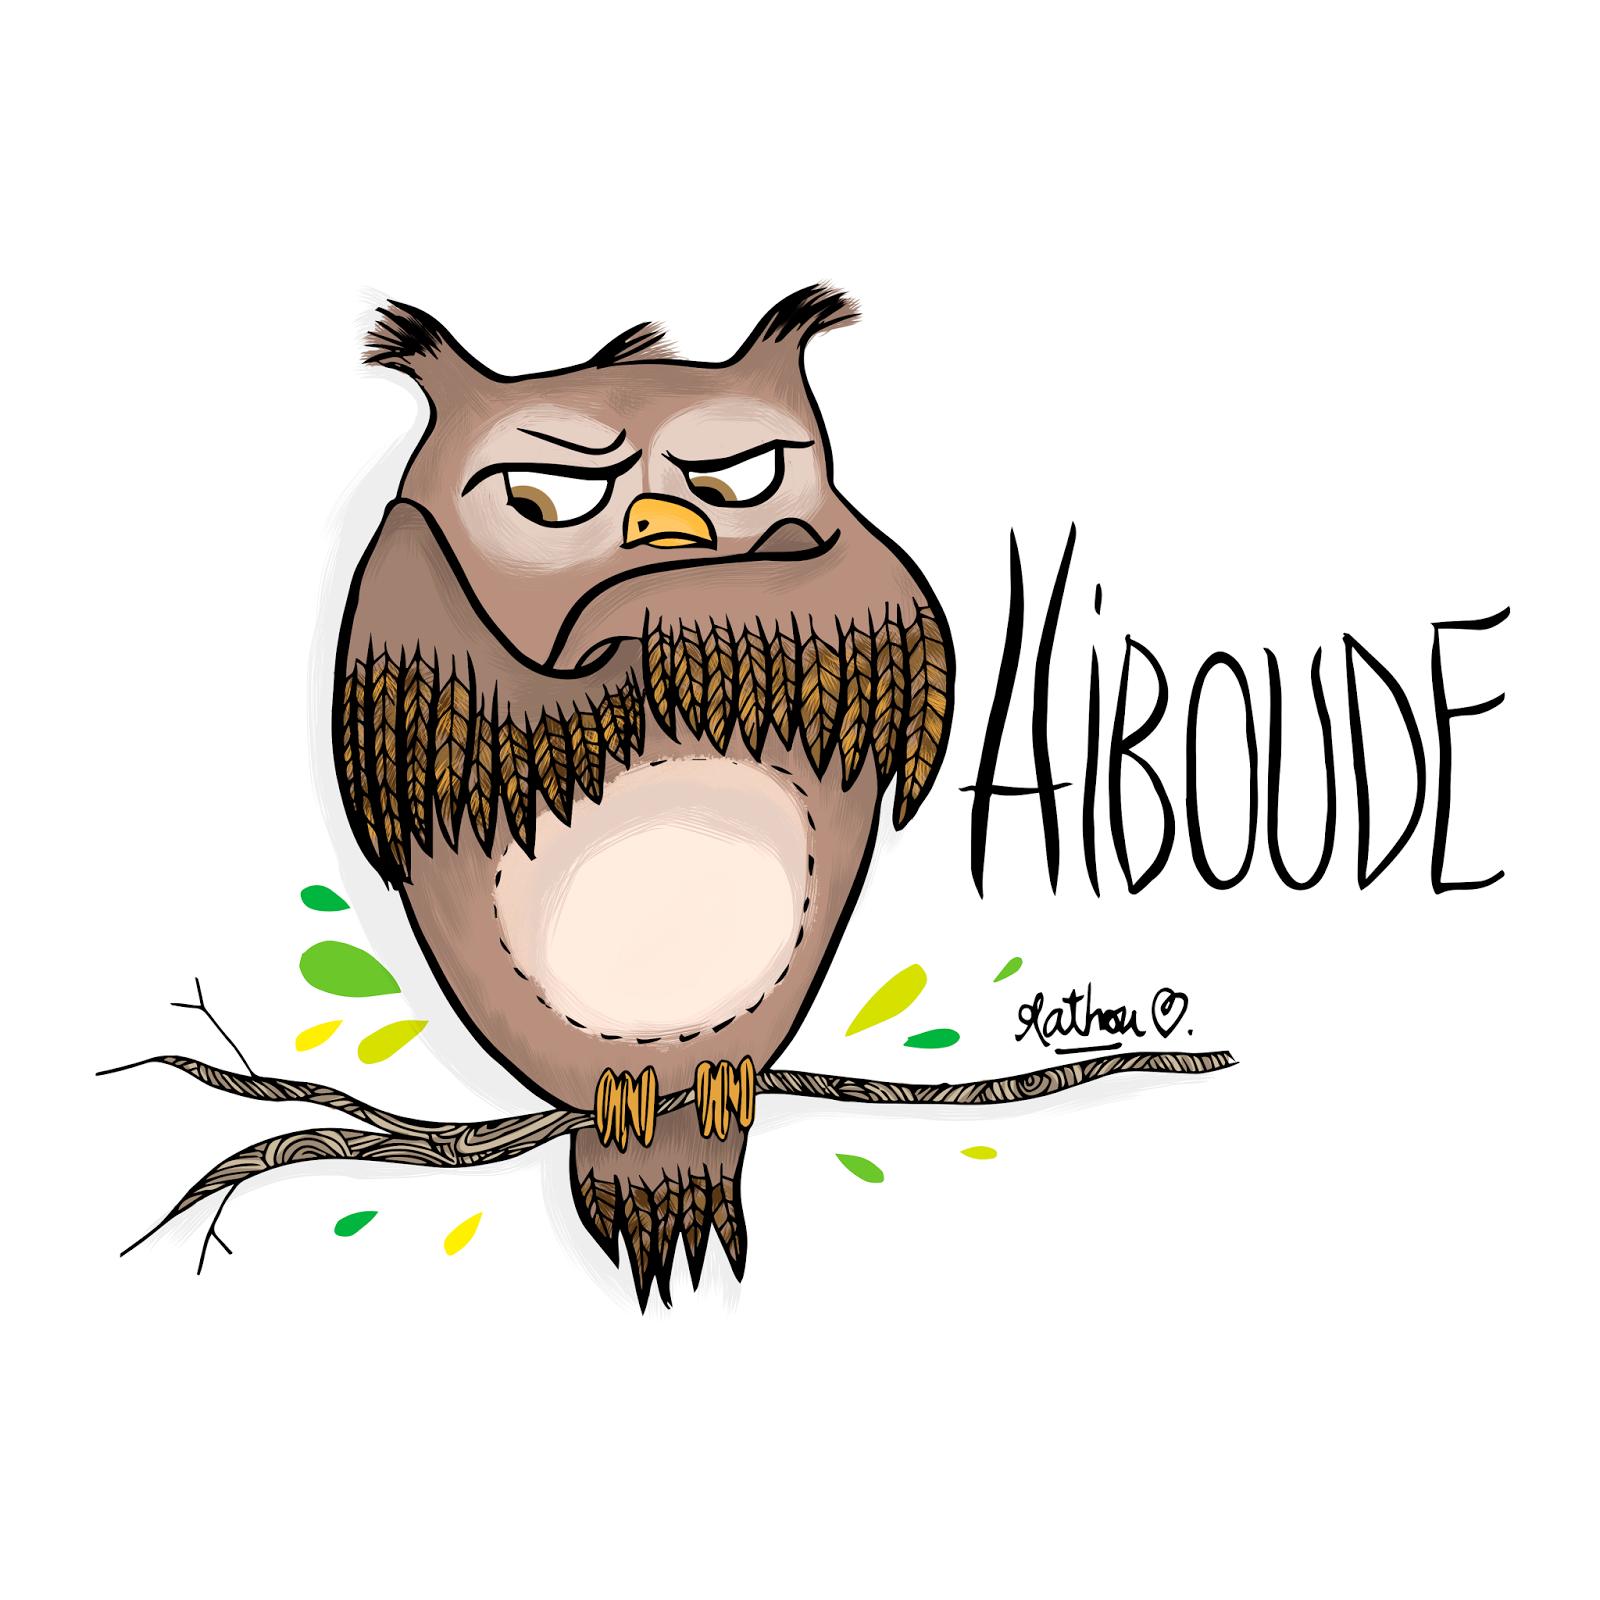 JEUDI-JeudemotsHiboude